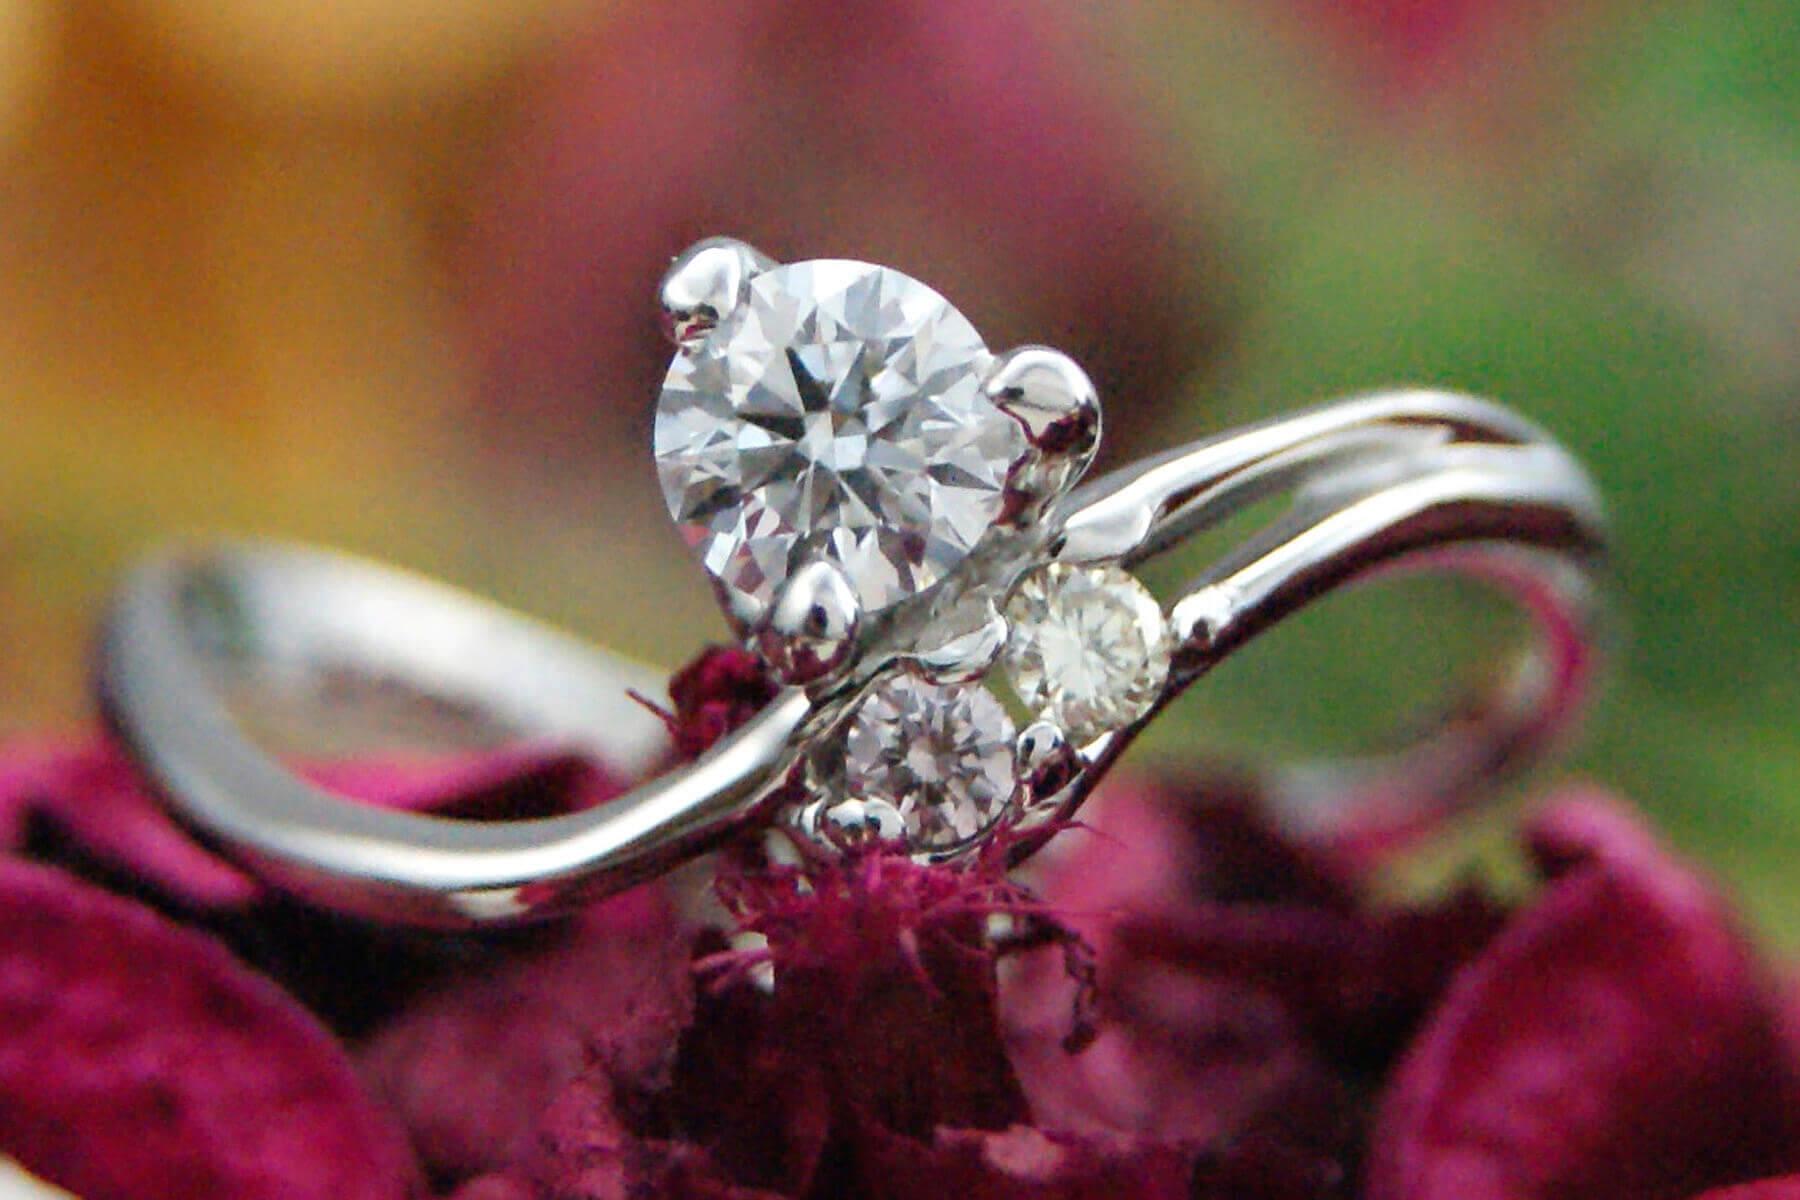 ダイヤモンド   ダイヤモンド   かざりやゆい   世界に一つだけの結婚指輪「kazariya Yui」   福島県郡山市